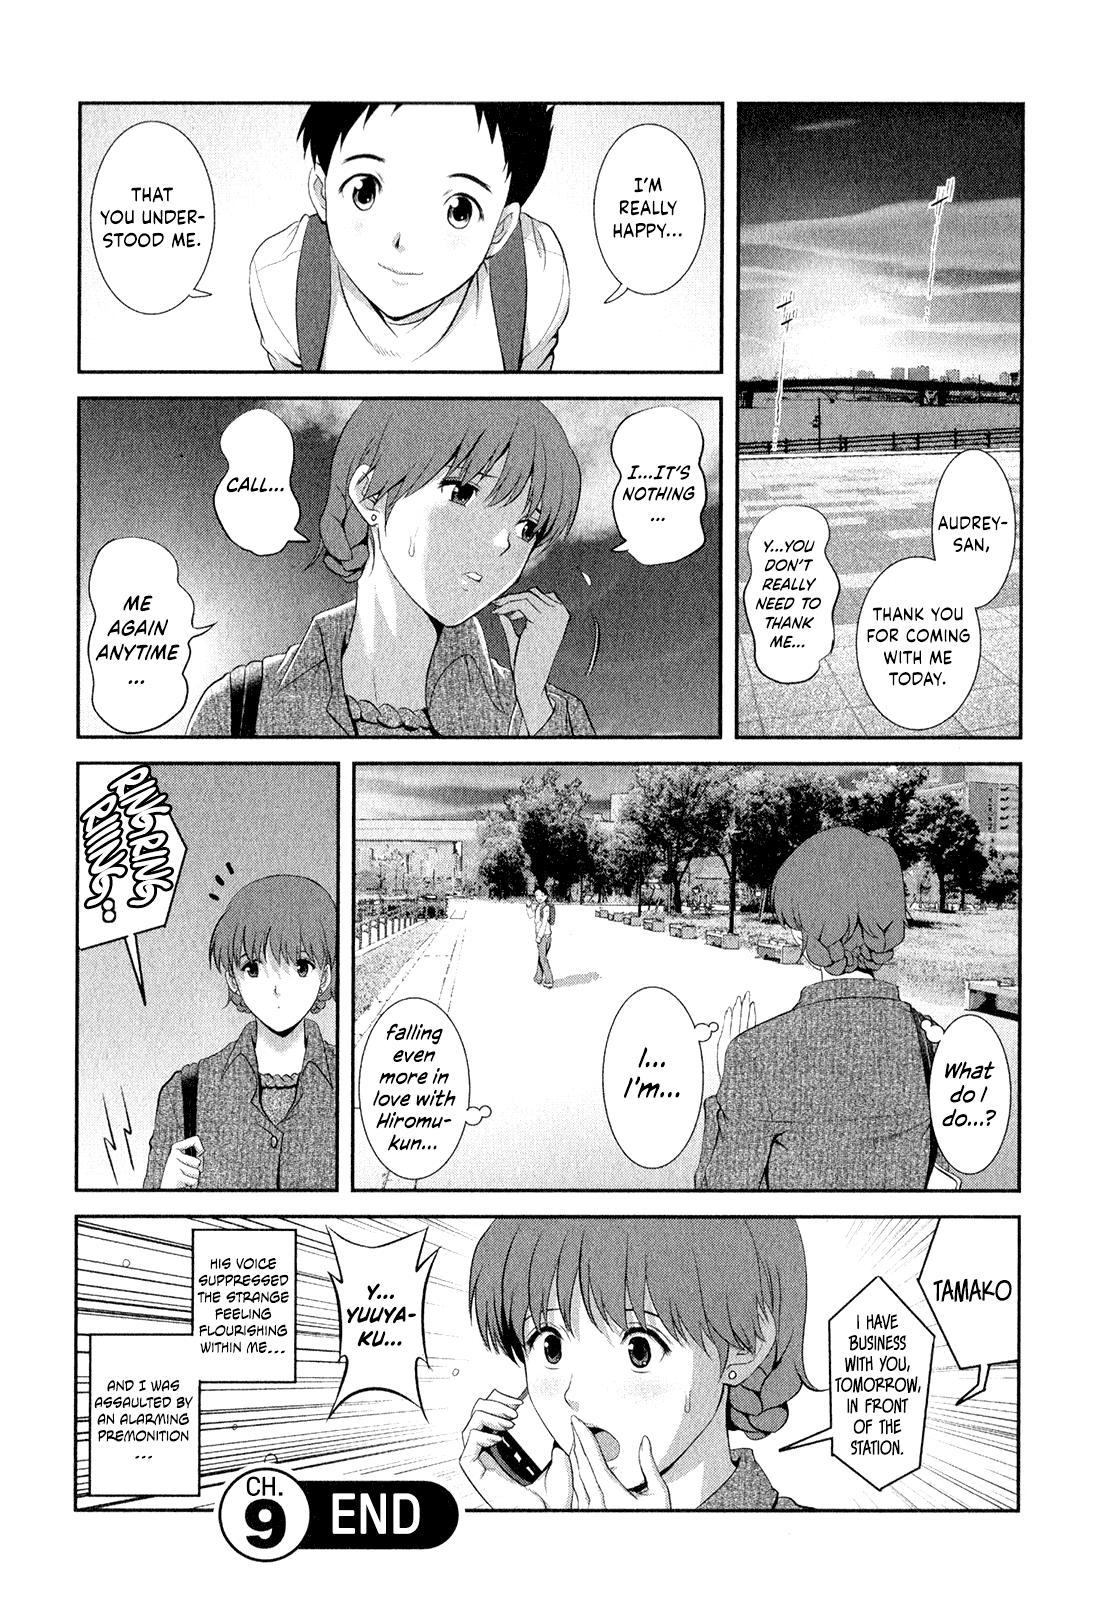 [Saigado] Hitozuma Audrey-san no Himitsu ~30-sai kara no Furyou Tsuma Kouza~ - Vol. 2 [English] {Hennojin} 28